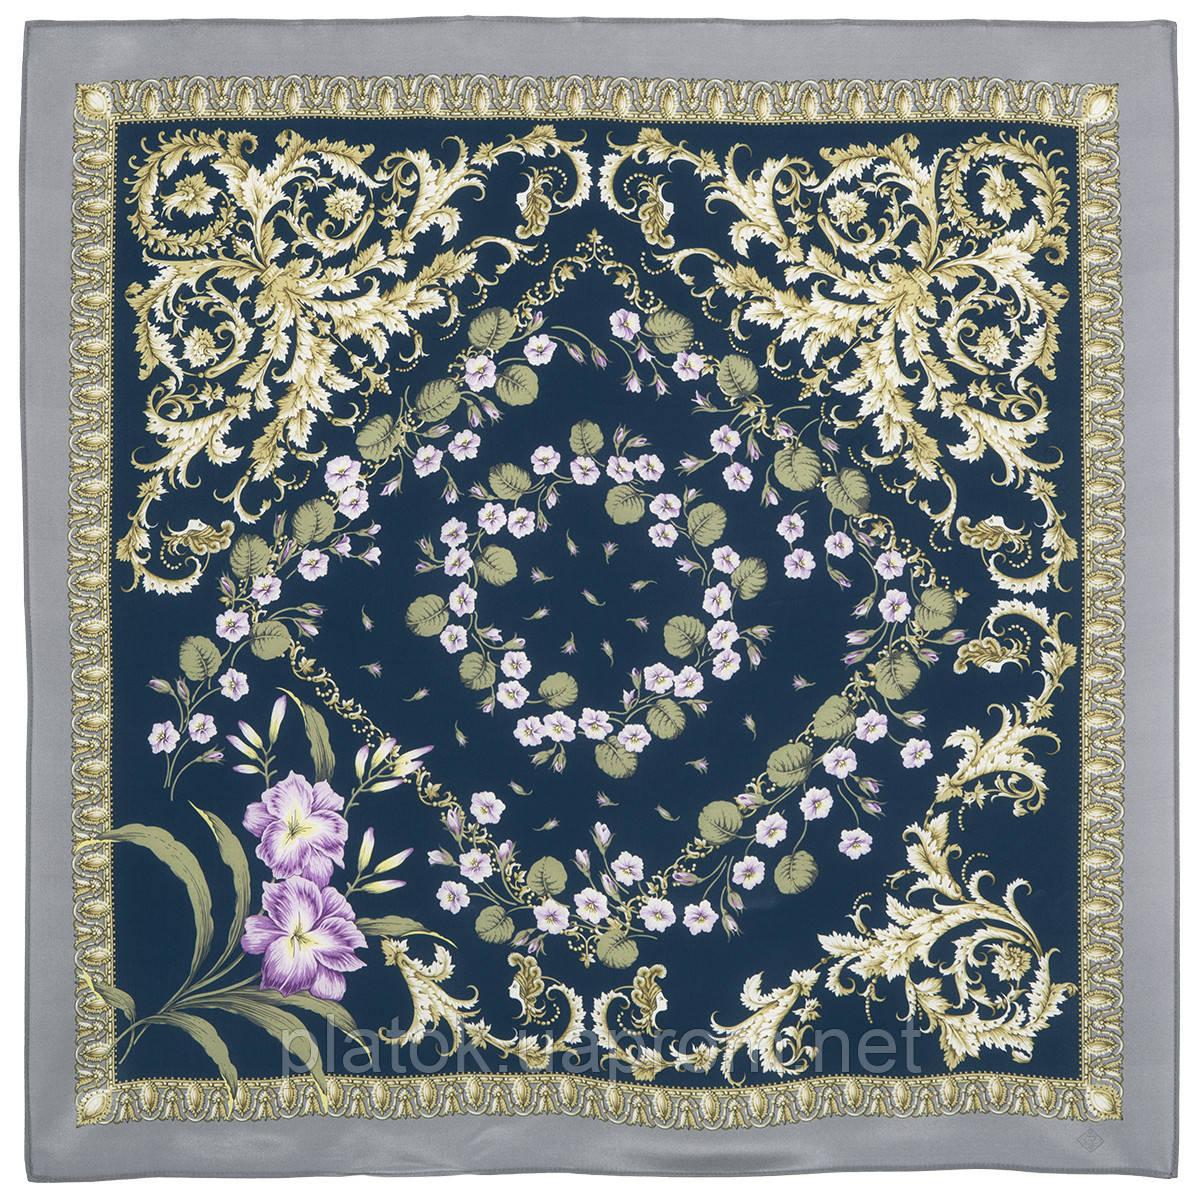 Пармские фиалки 1382-4, павлопосадский платок (крепдешин) шелковый с подрубкой